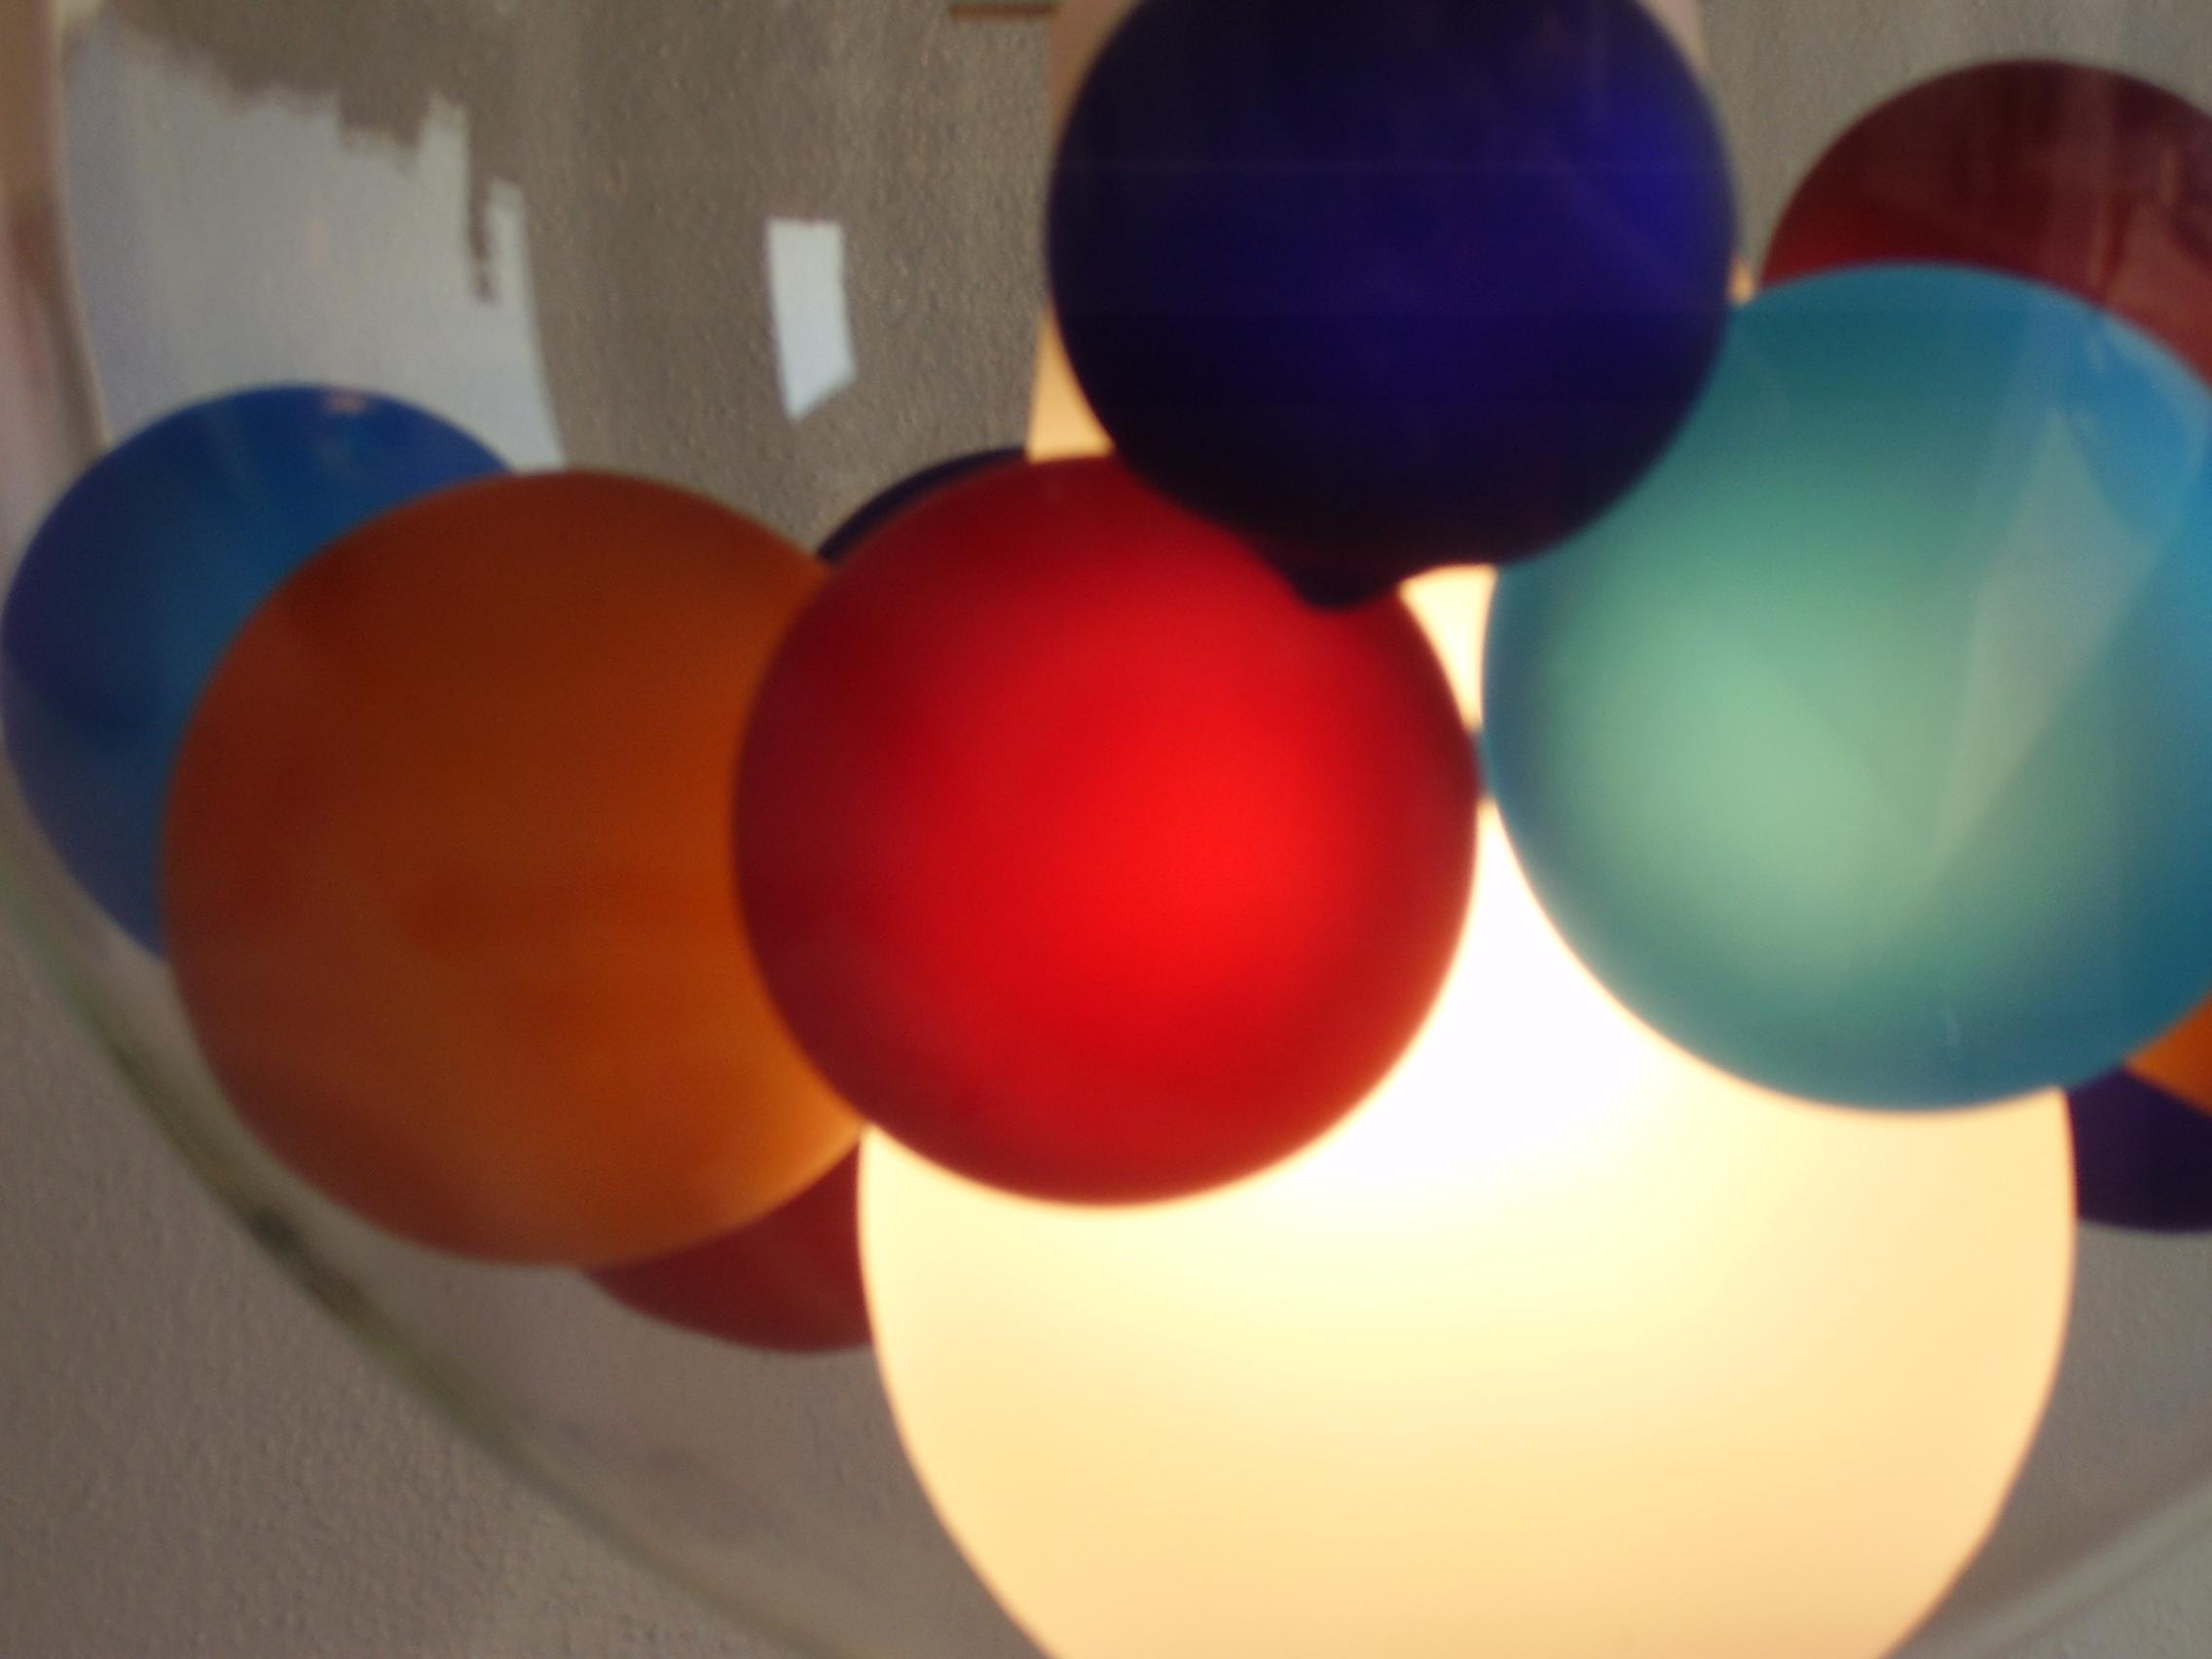 Glass balls - Murano - Veneto - Venice -